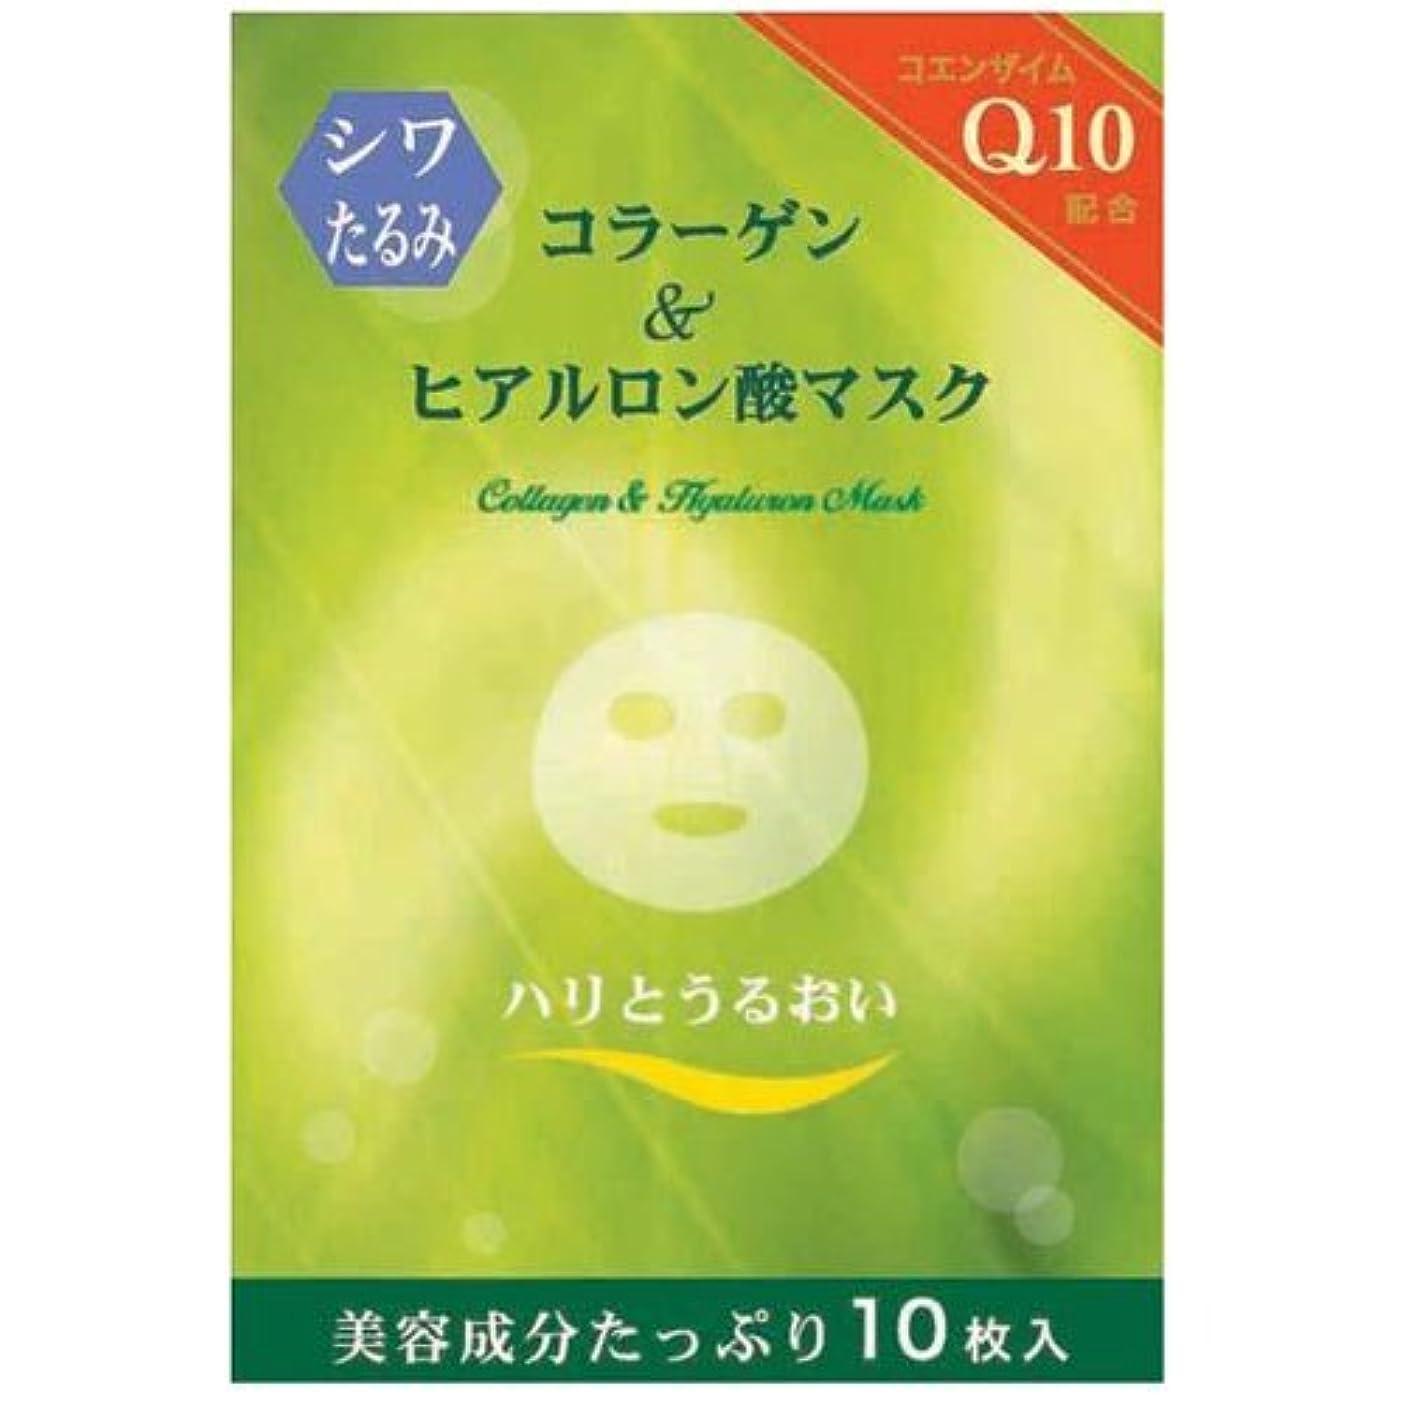 コラーゲン&ヒアルロン酸マスク